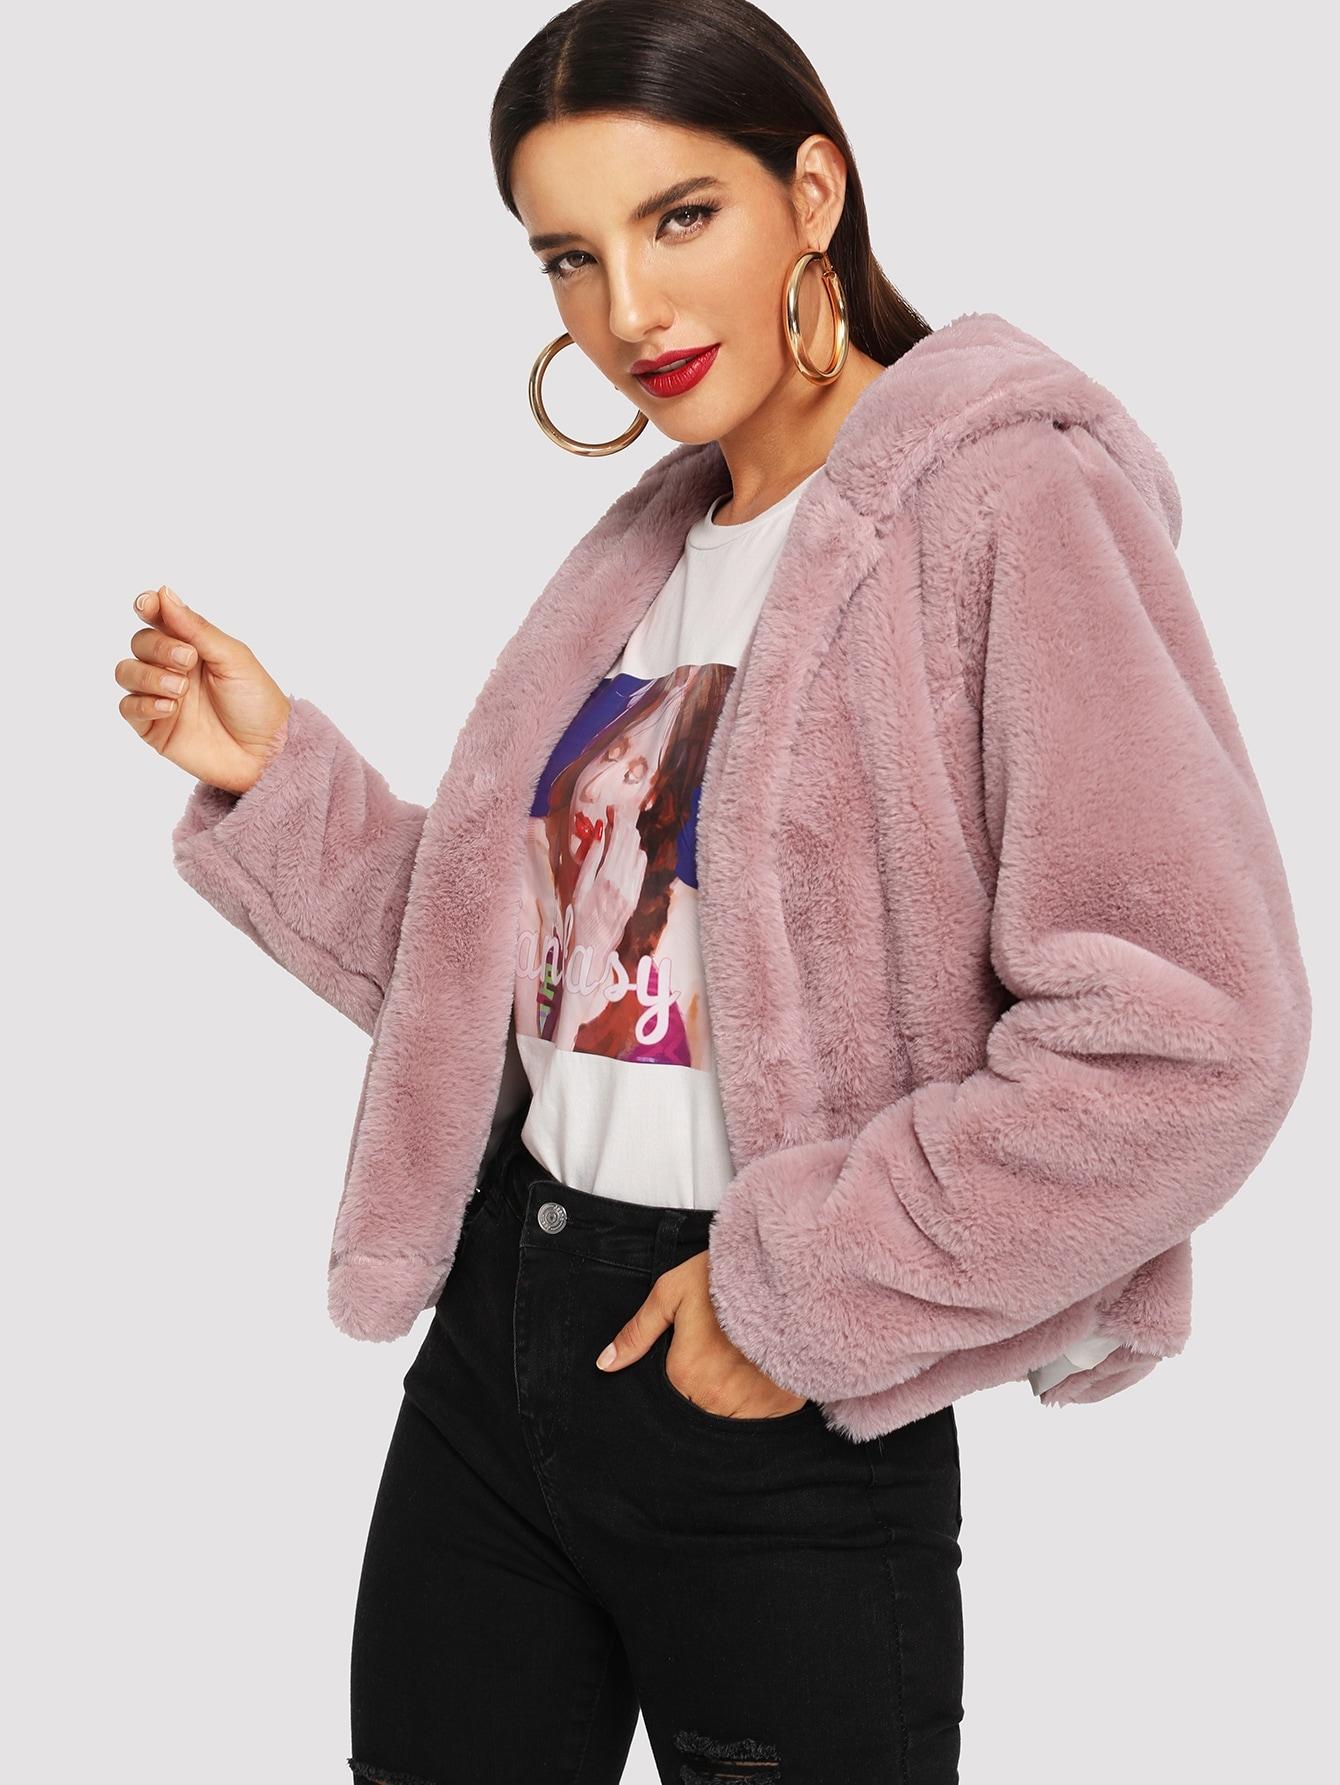 Купить Открытое однотонное пушистое пальто с капюшоном, Juliana, SheIn